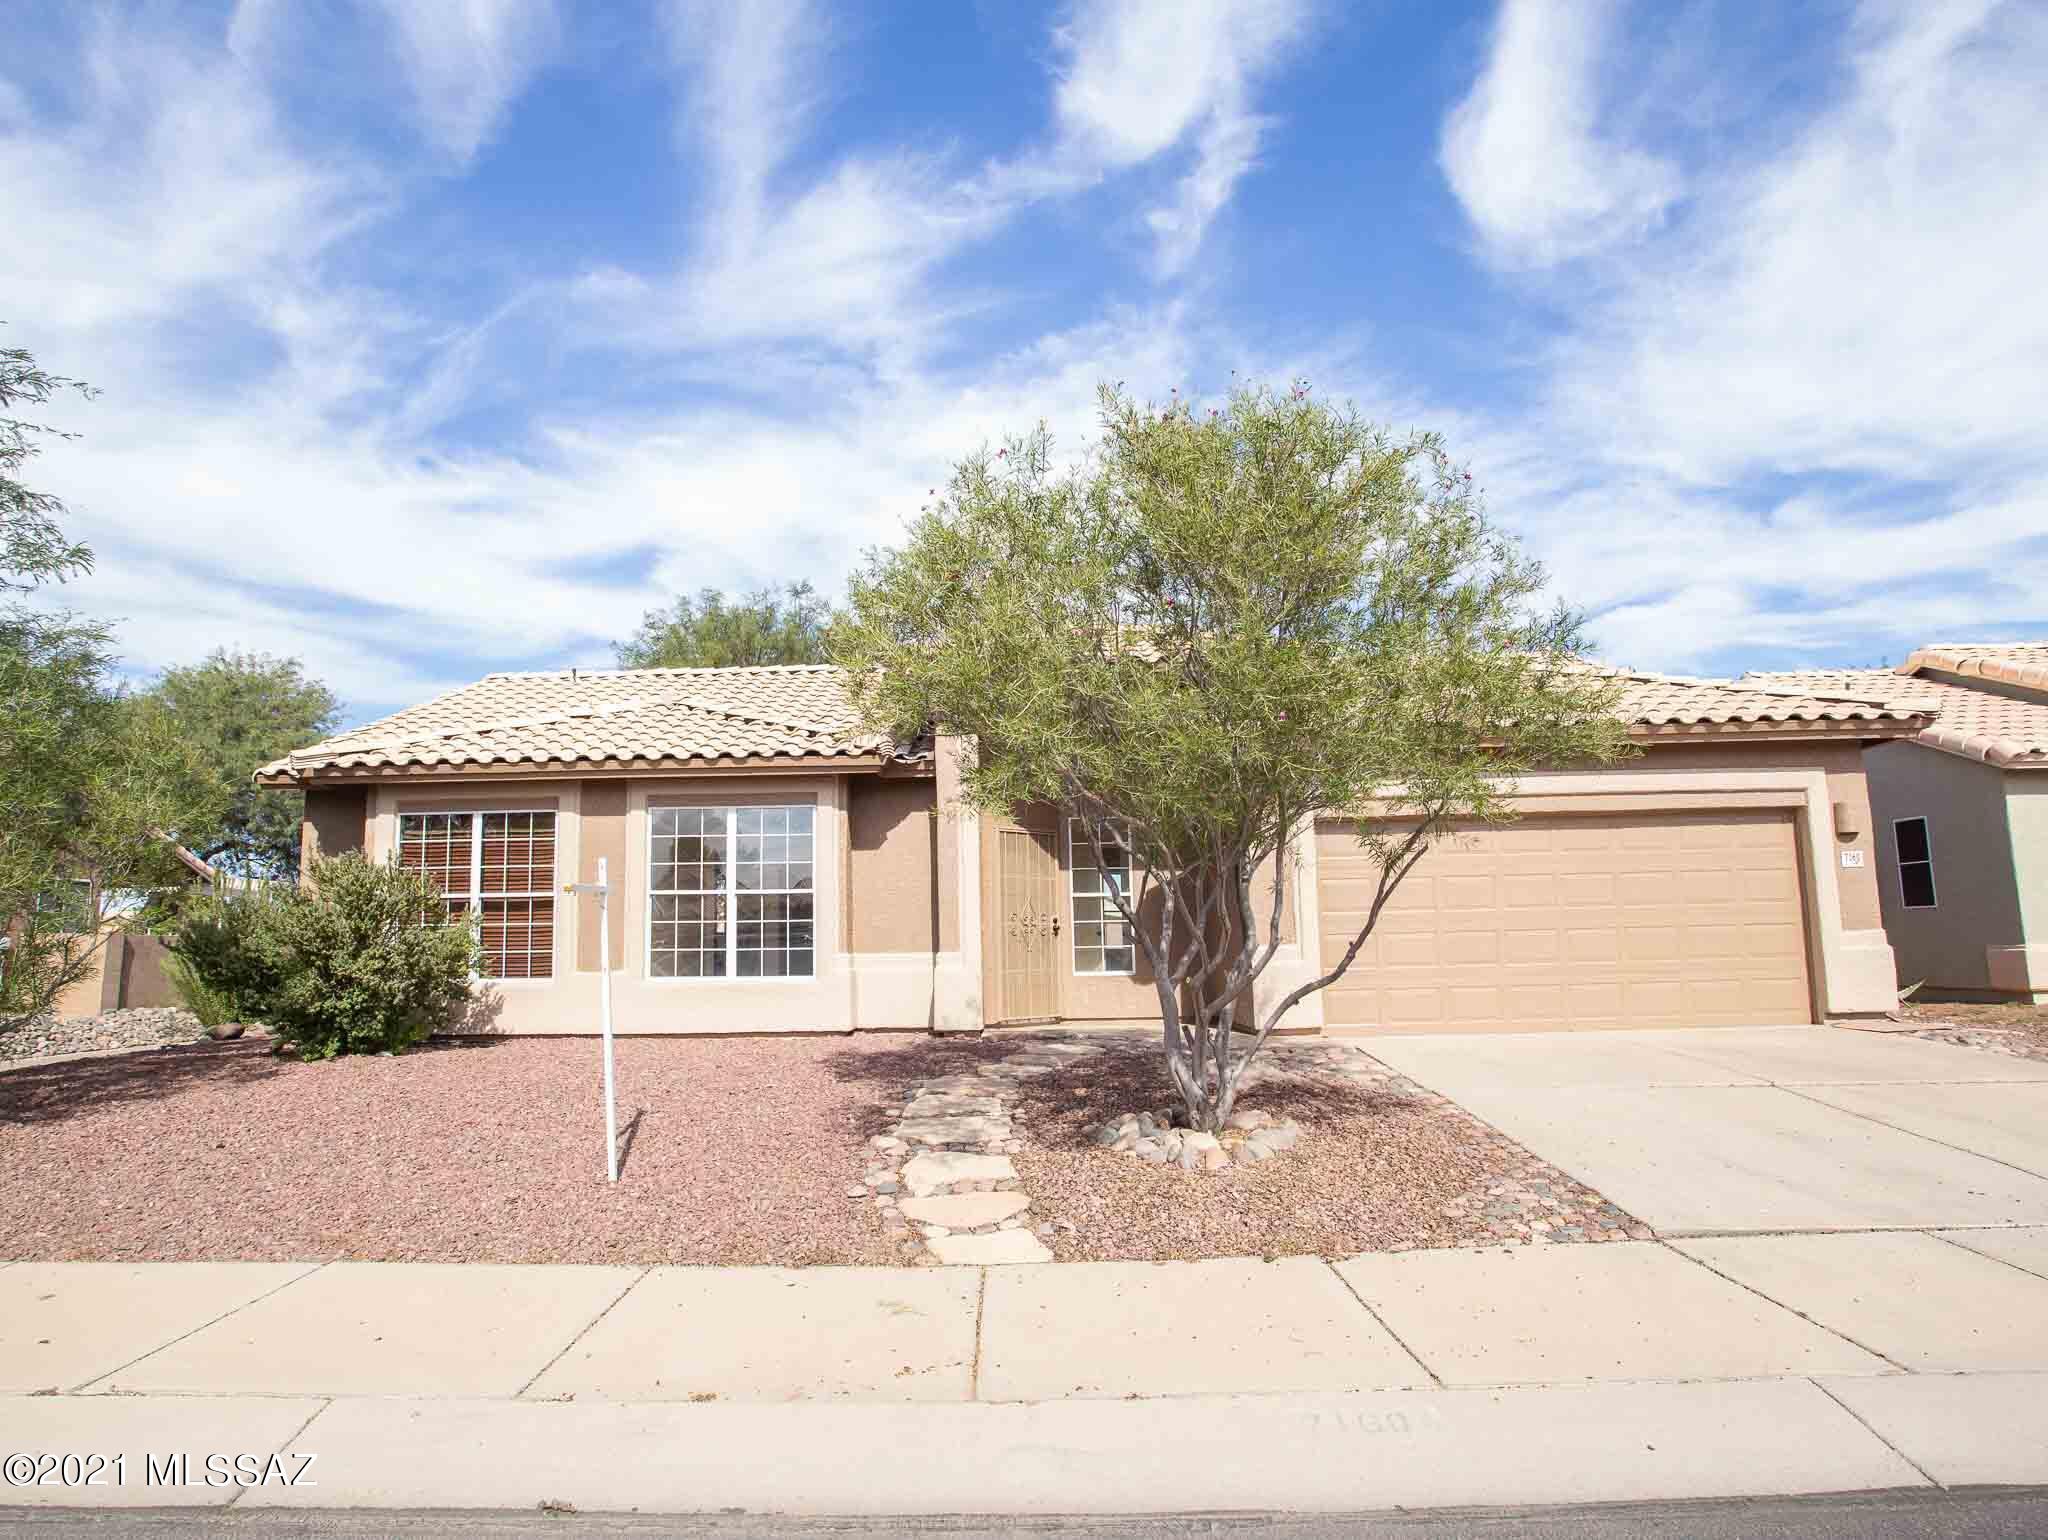 7160 W Yarbough Drive, Tucson, AZ 85743